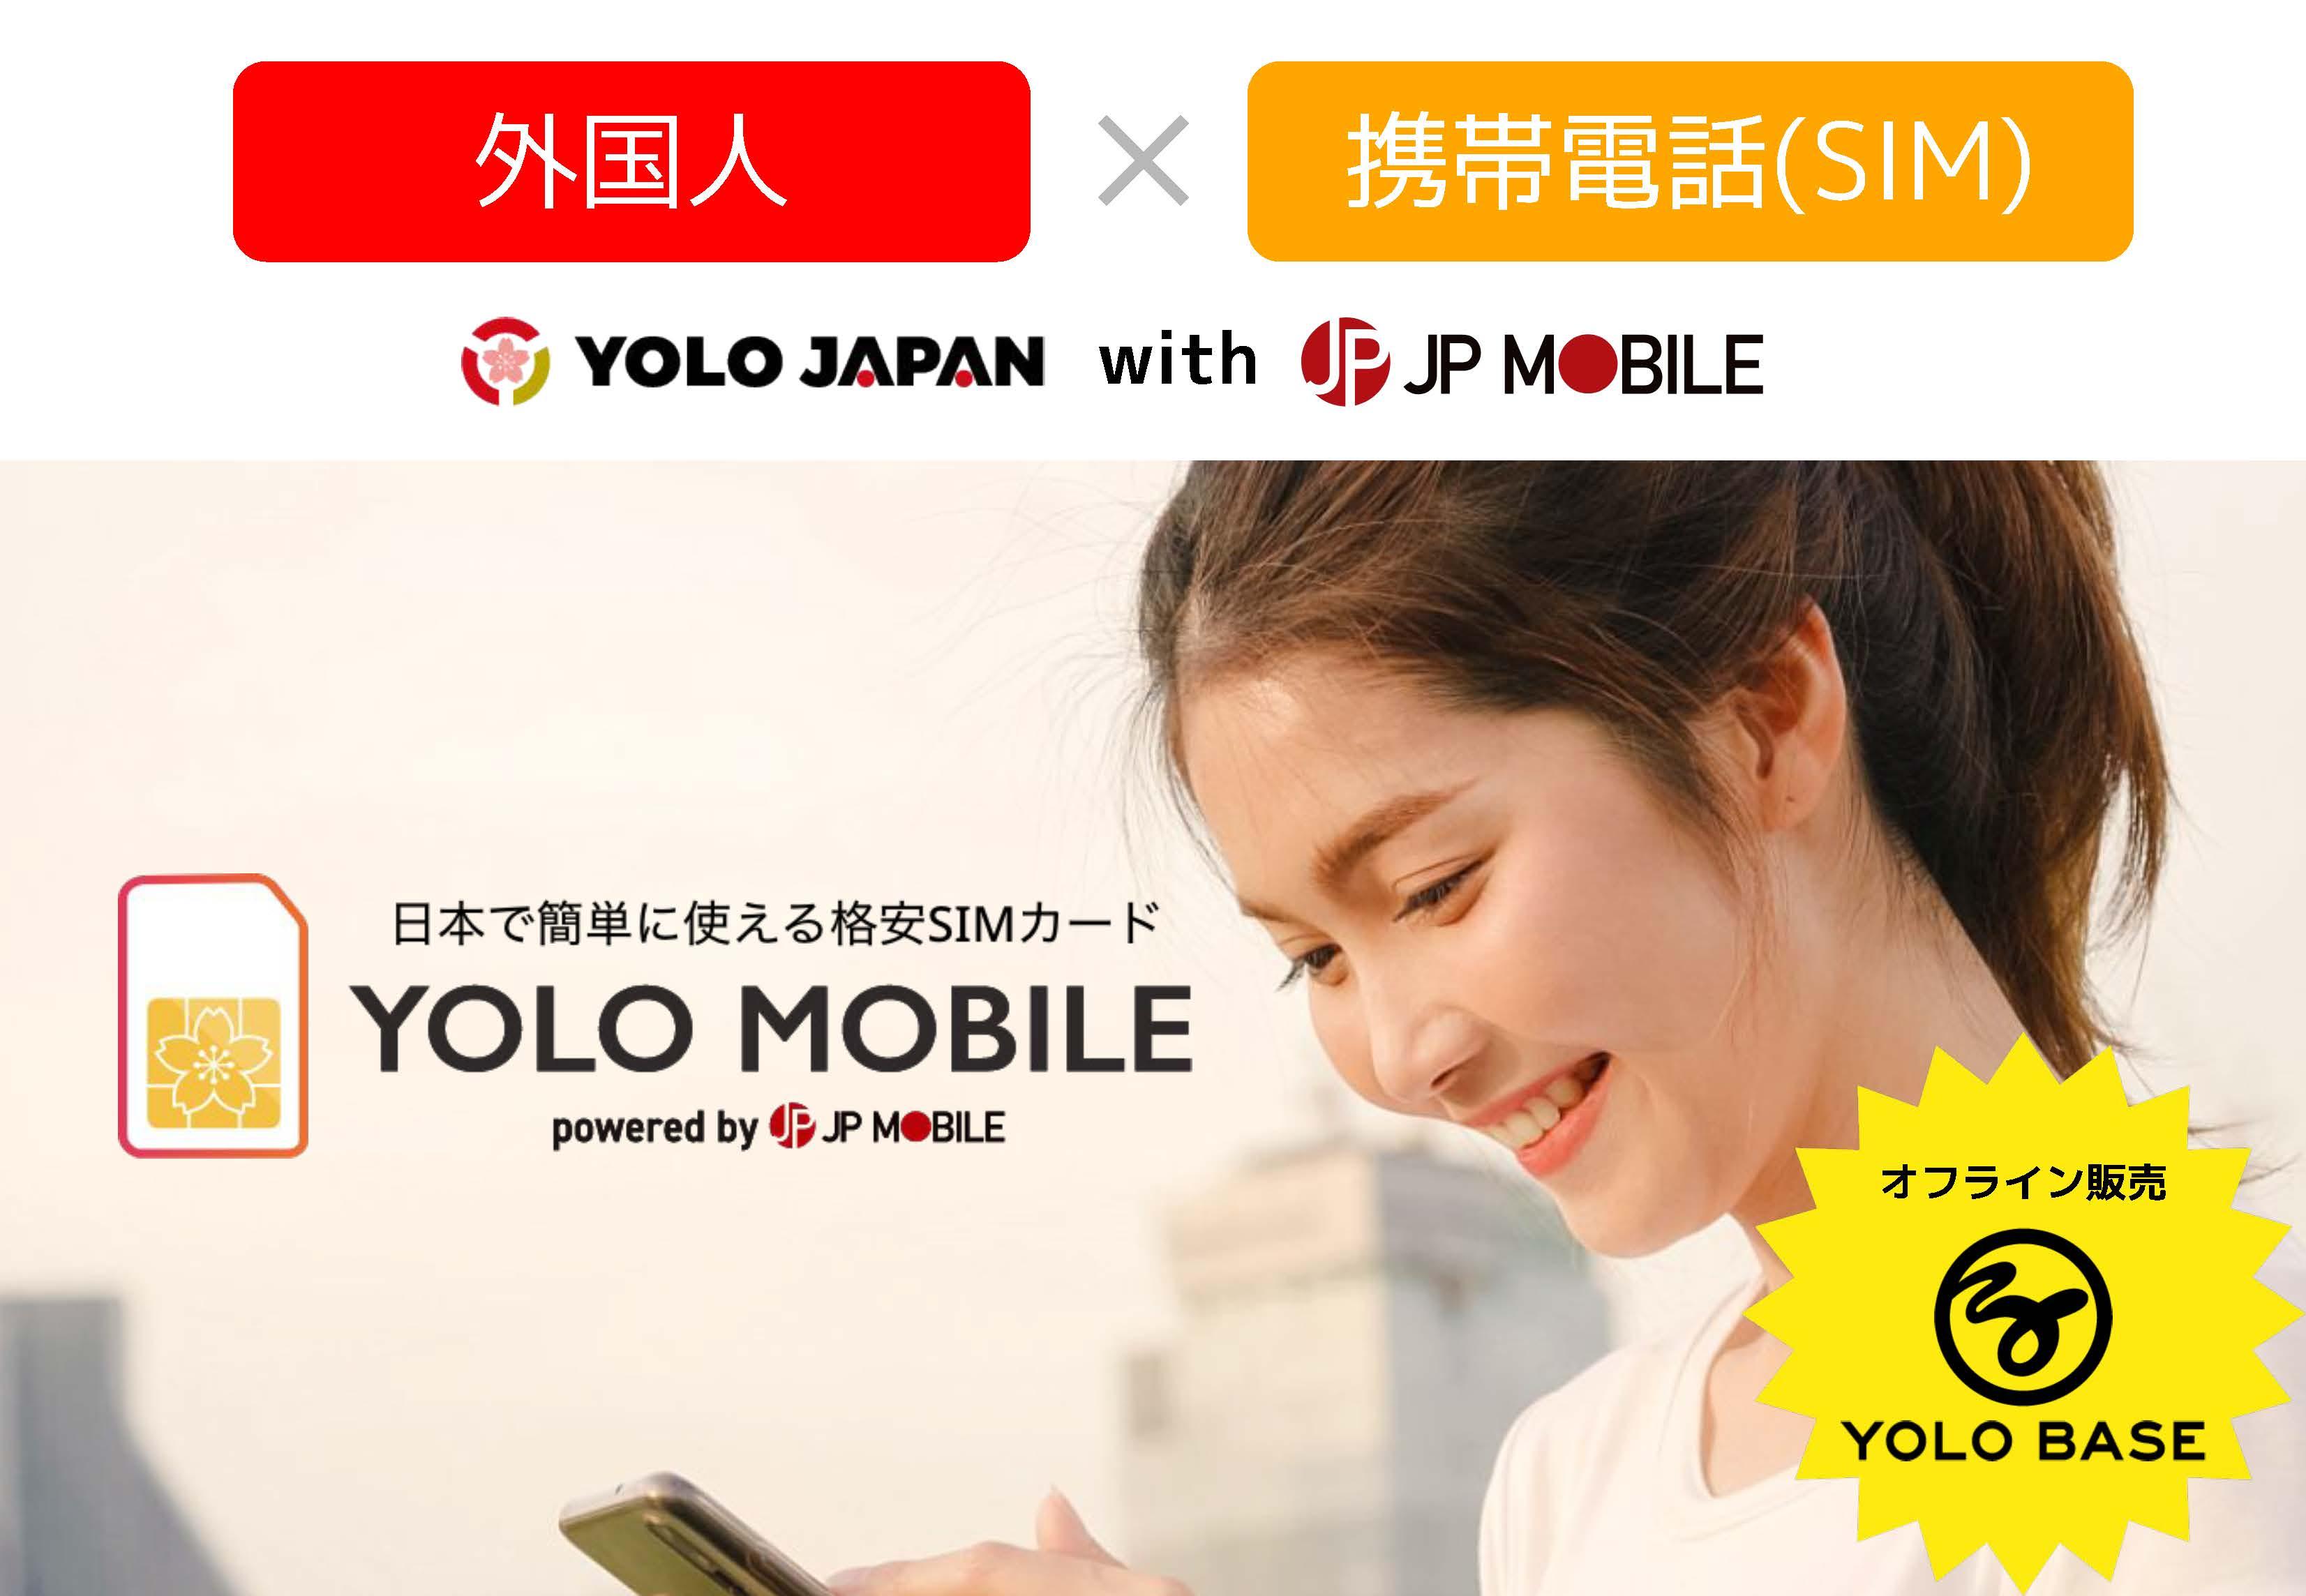 日本で簡単に使える格安SIMカード YOLO MOBILE Powered by JP MOBILE